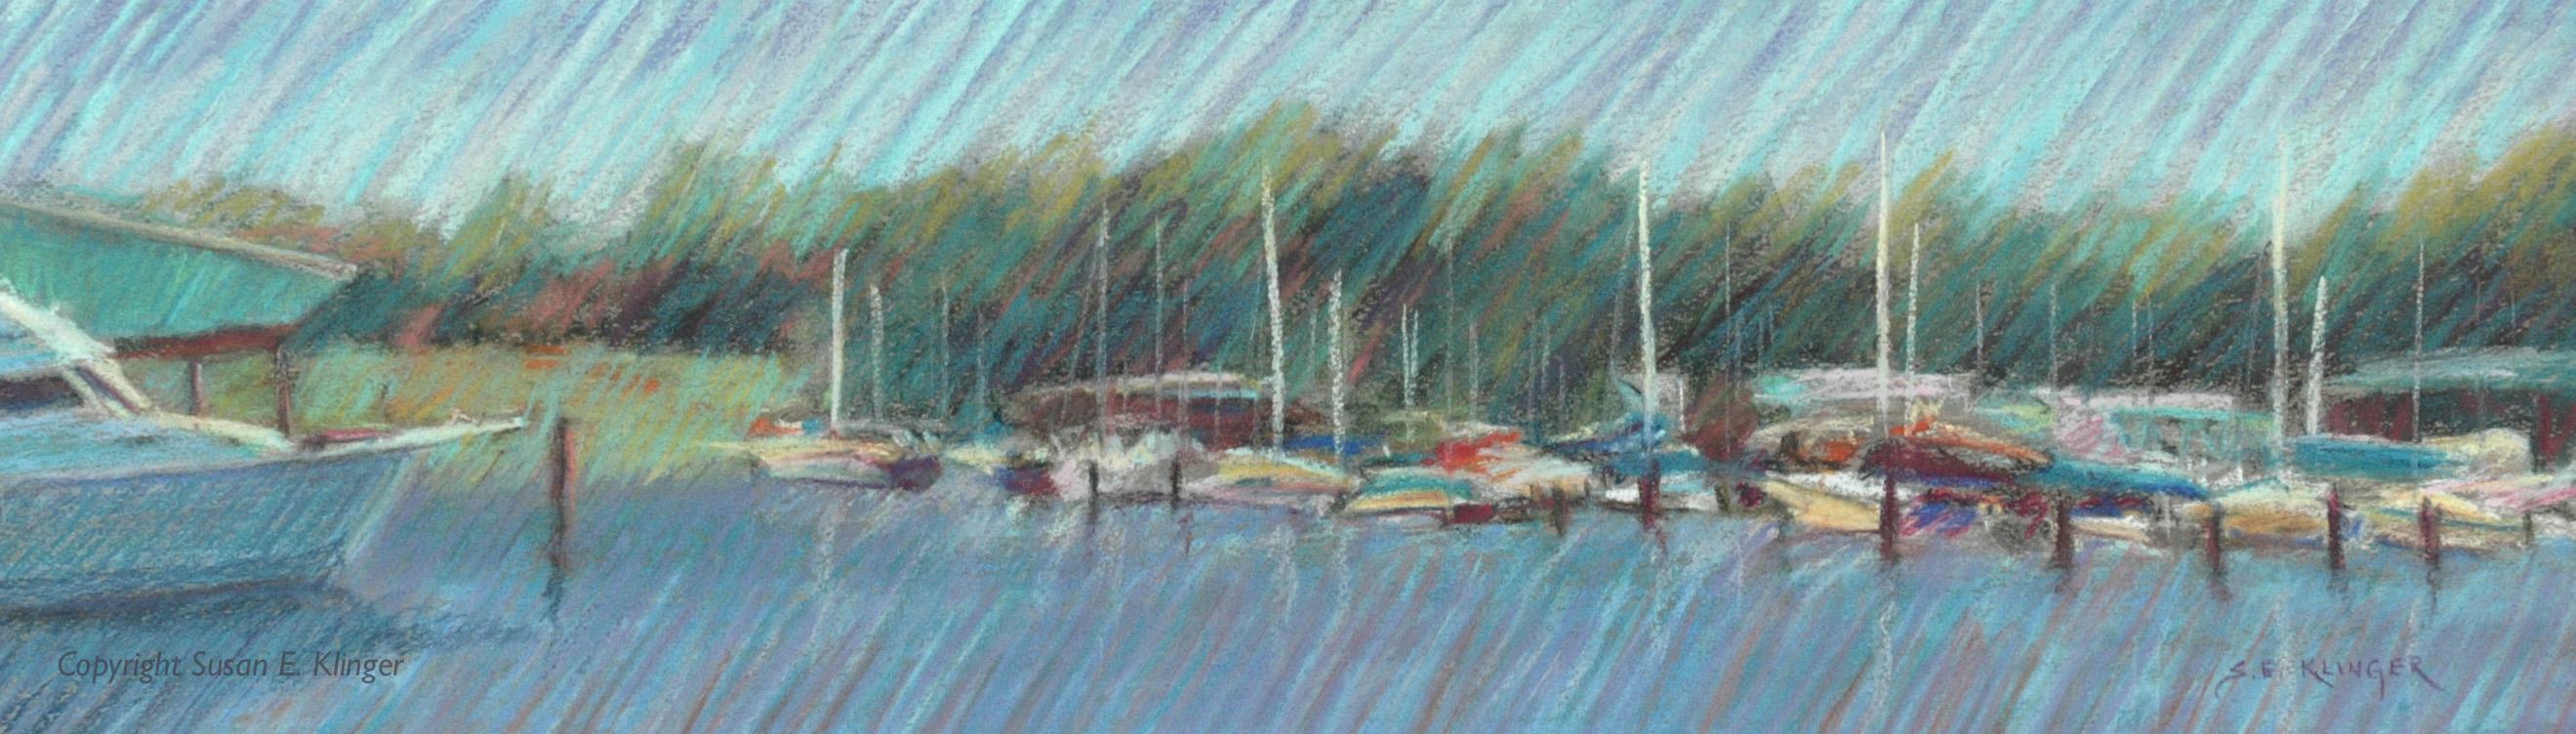 Marina View_2639c_72